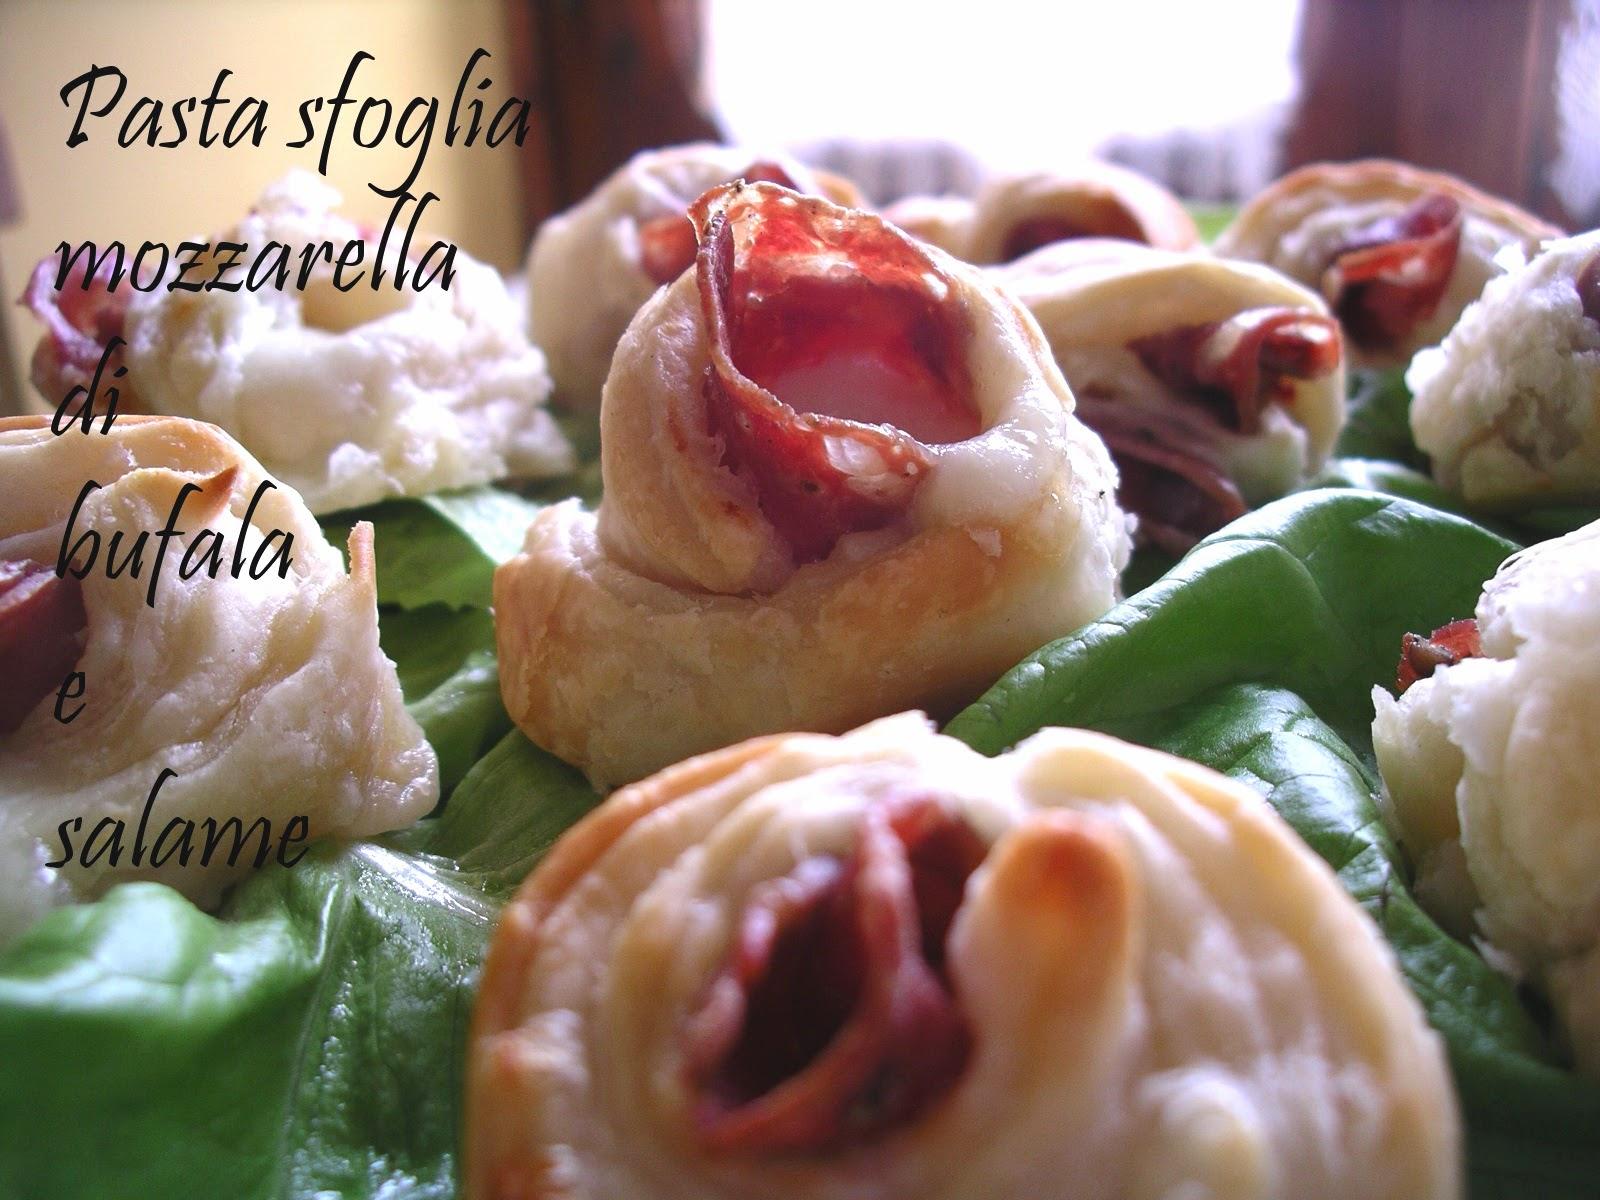 finger food Pasta sfoglia fatta in casa salame Cacciatore Dop e mozzarella di bufala